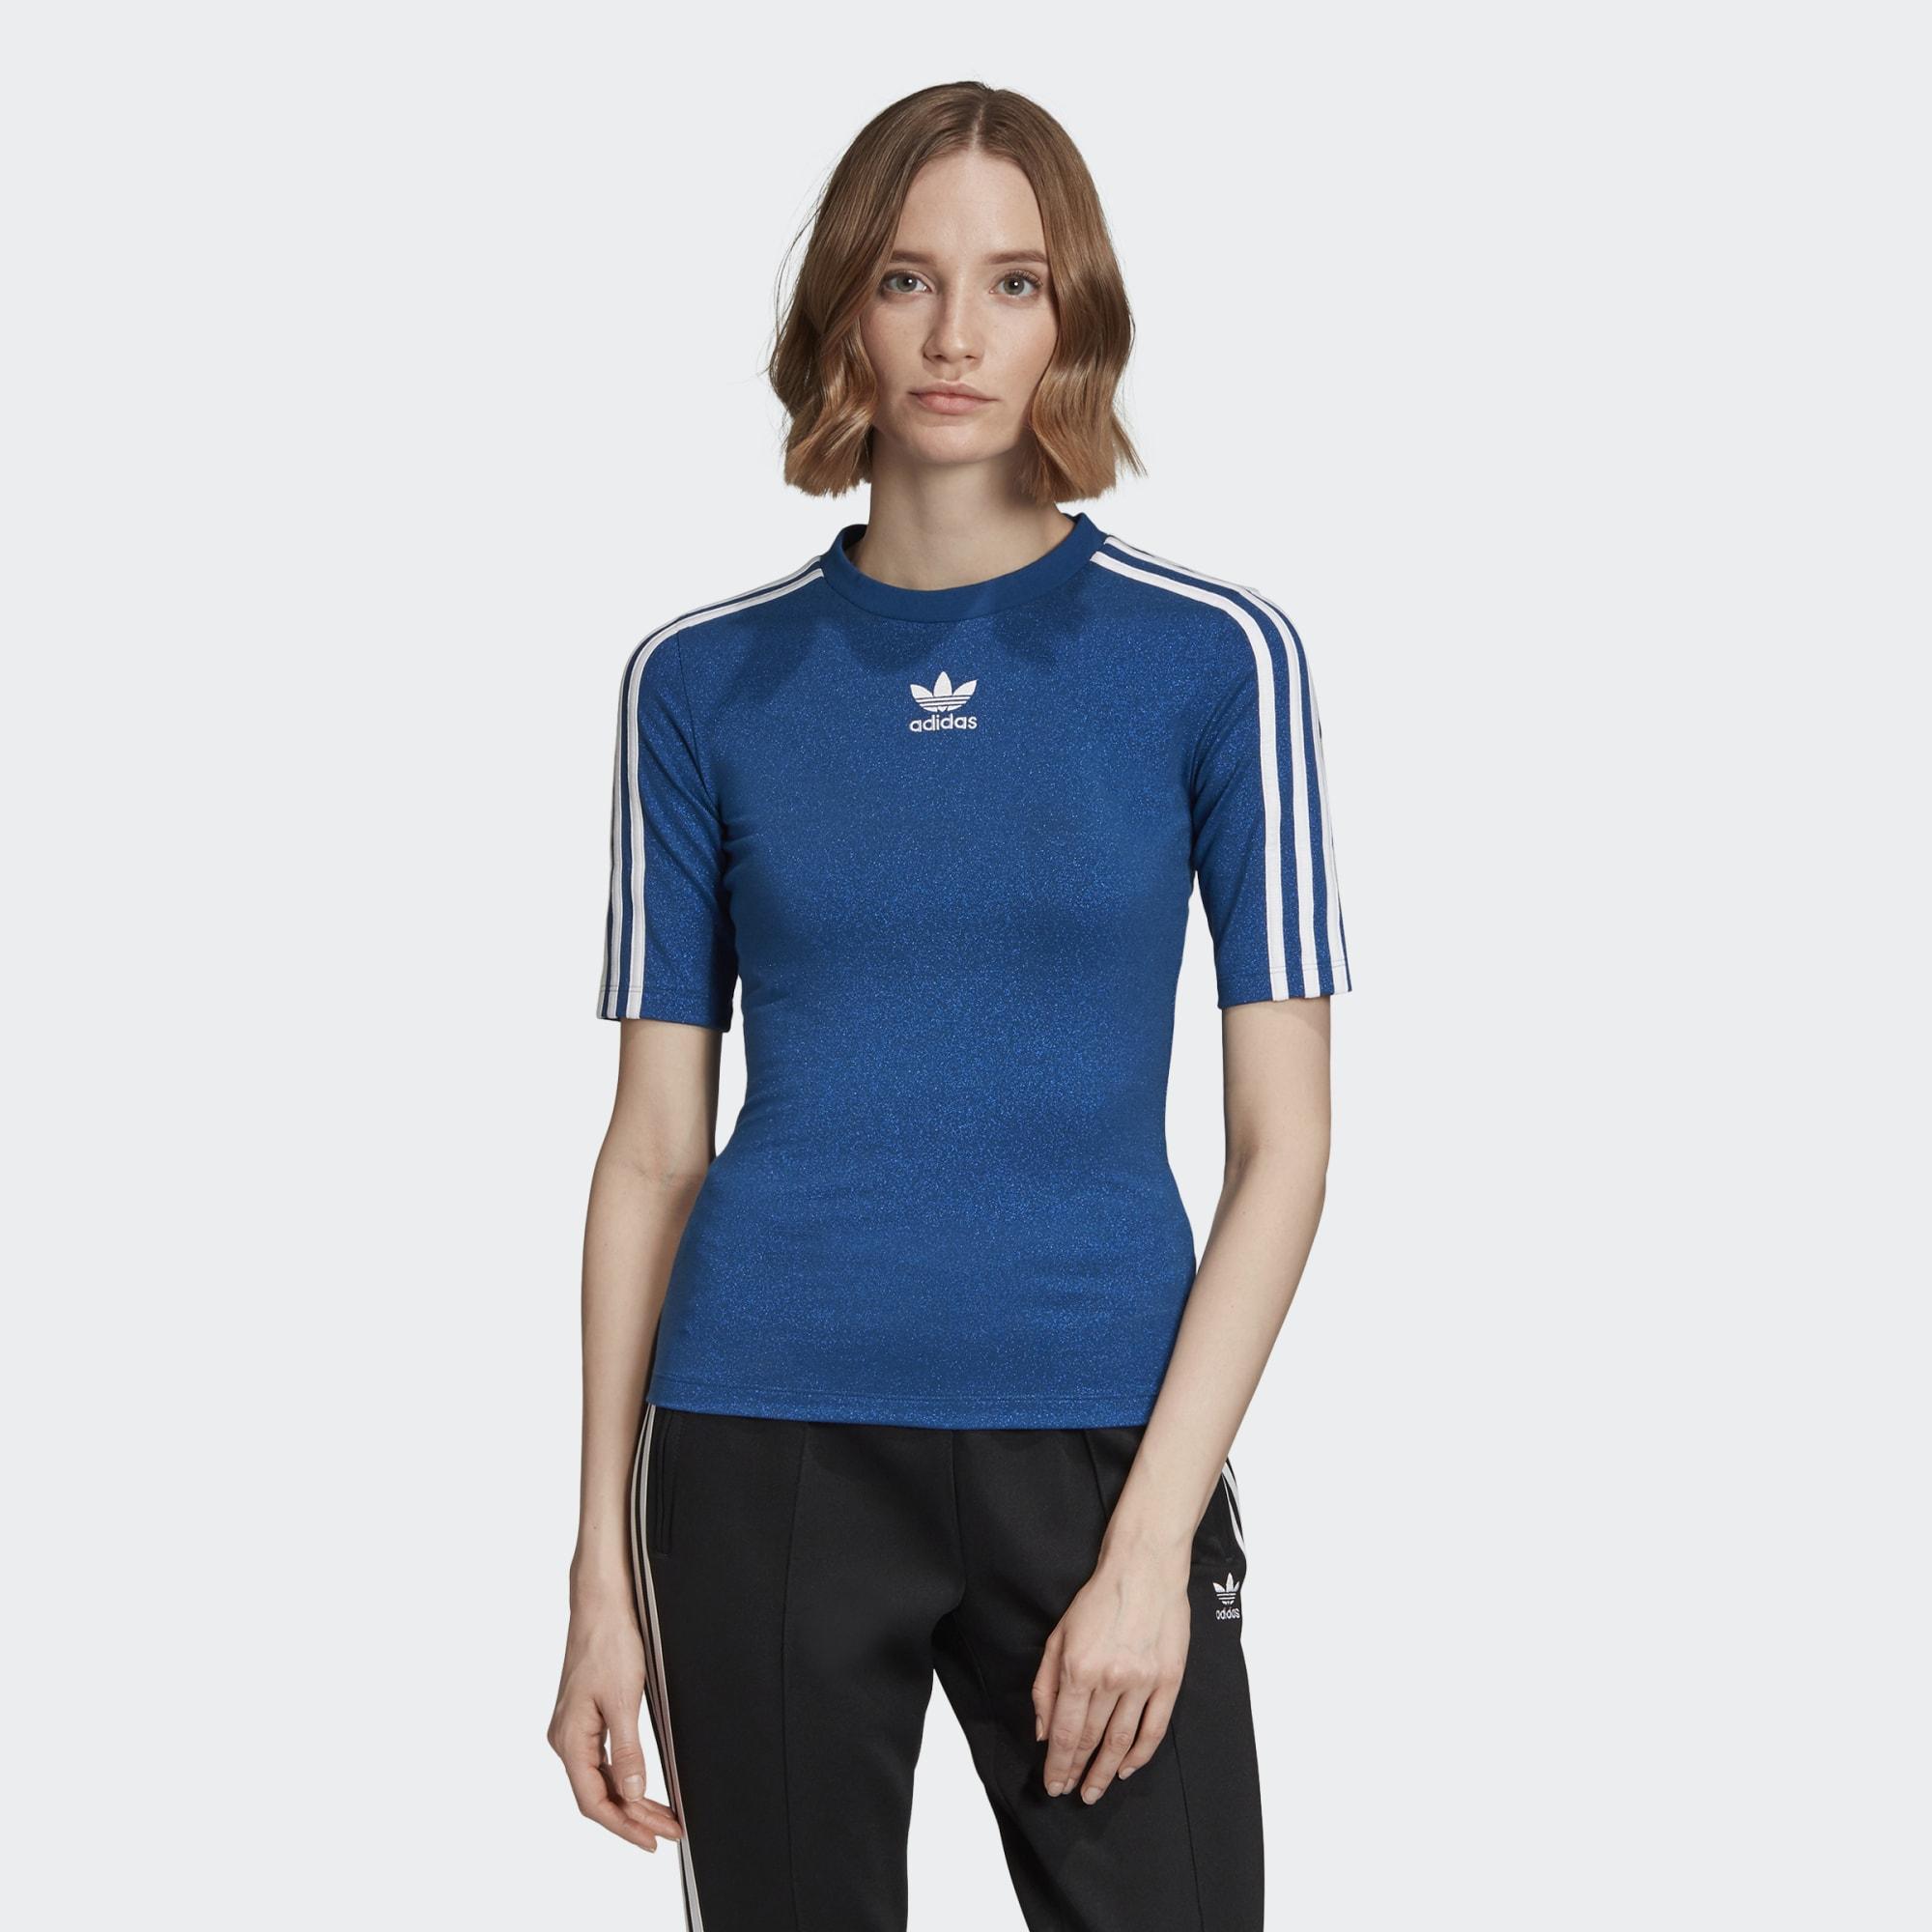 50% + 20% extra korting op laatste maten. VB: Bellista t-shirt €13,18 @ Adidas